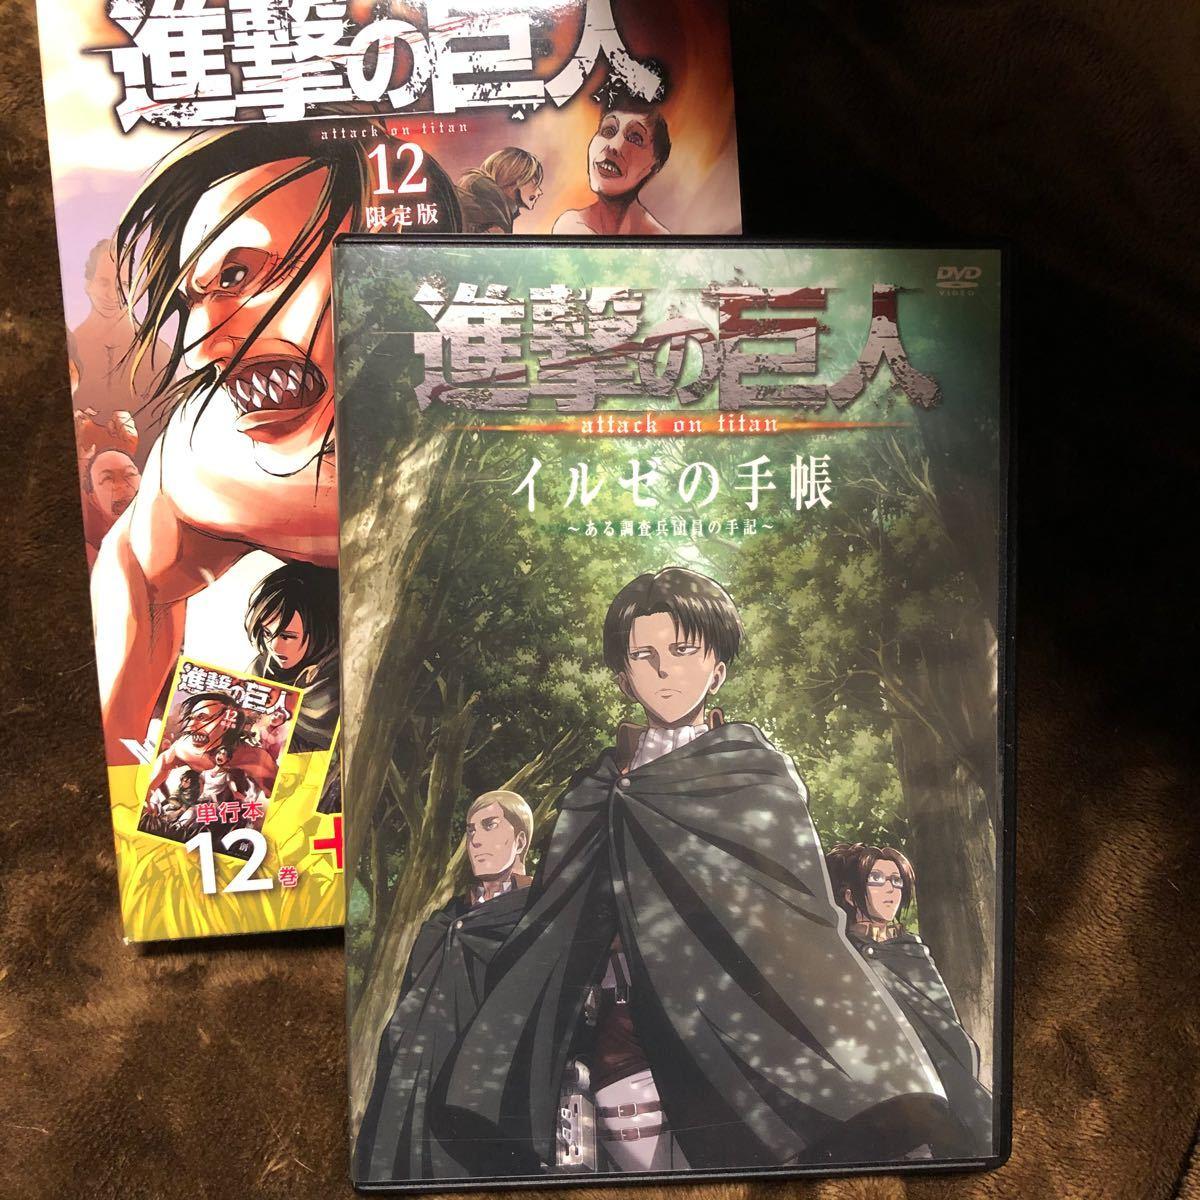 進撃の巨人 12巻 DVD付き 限定版 進撃